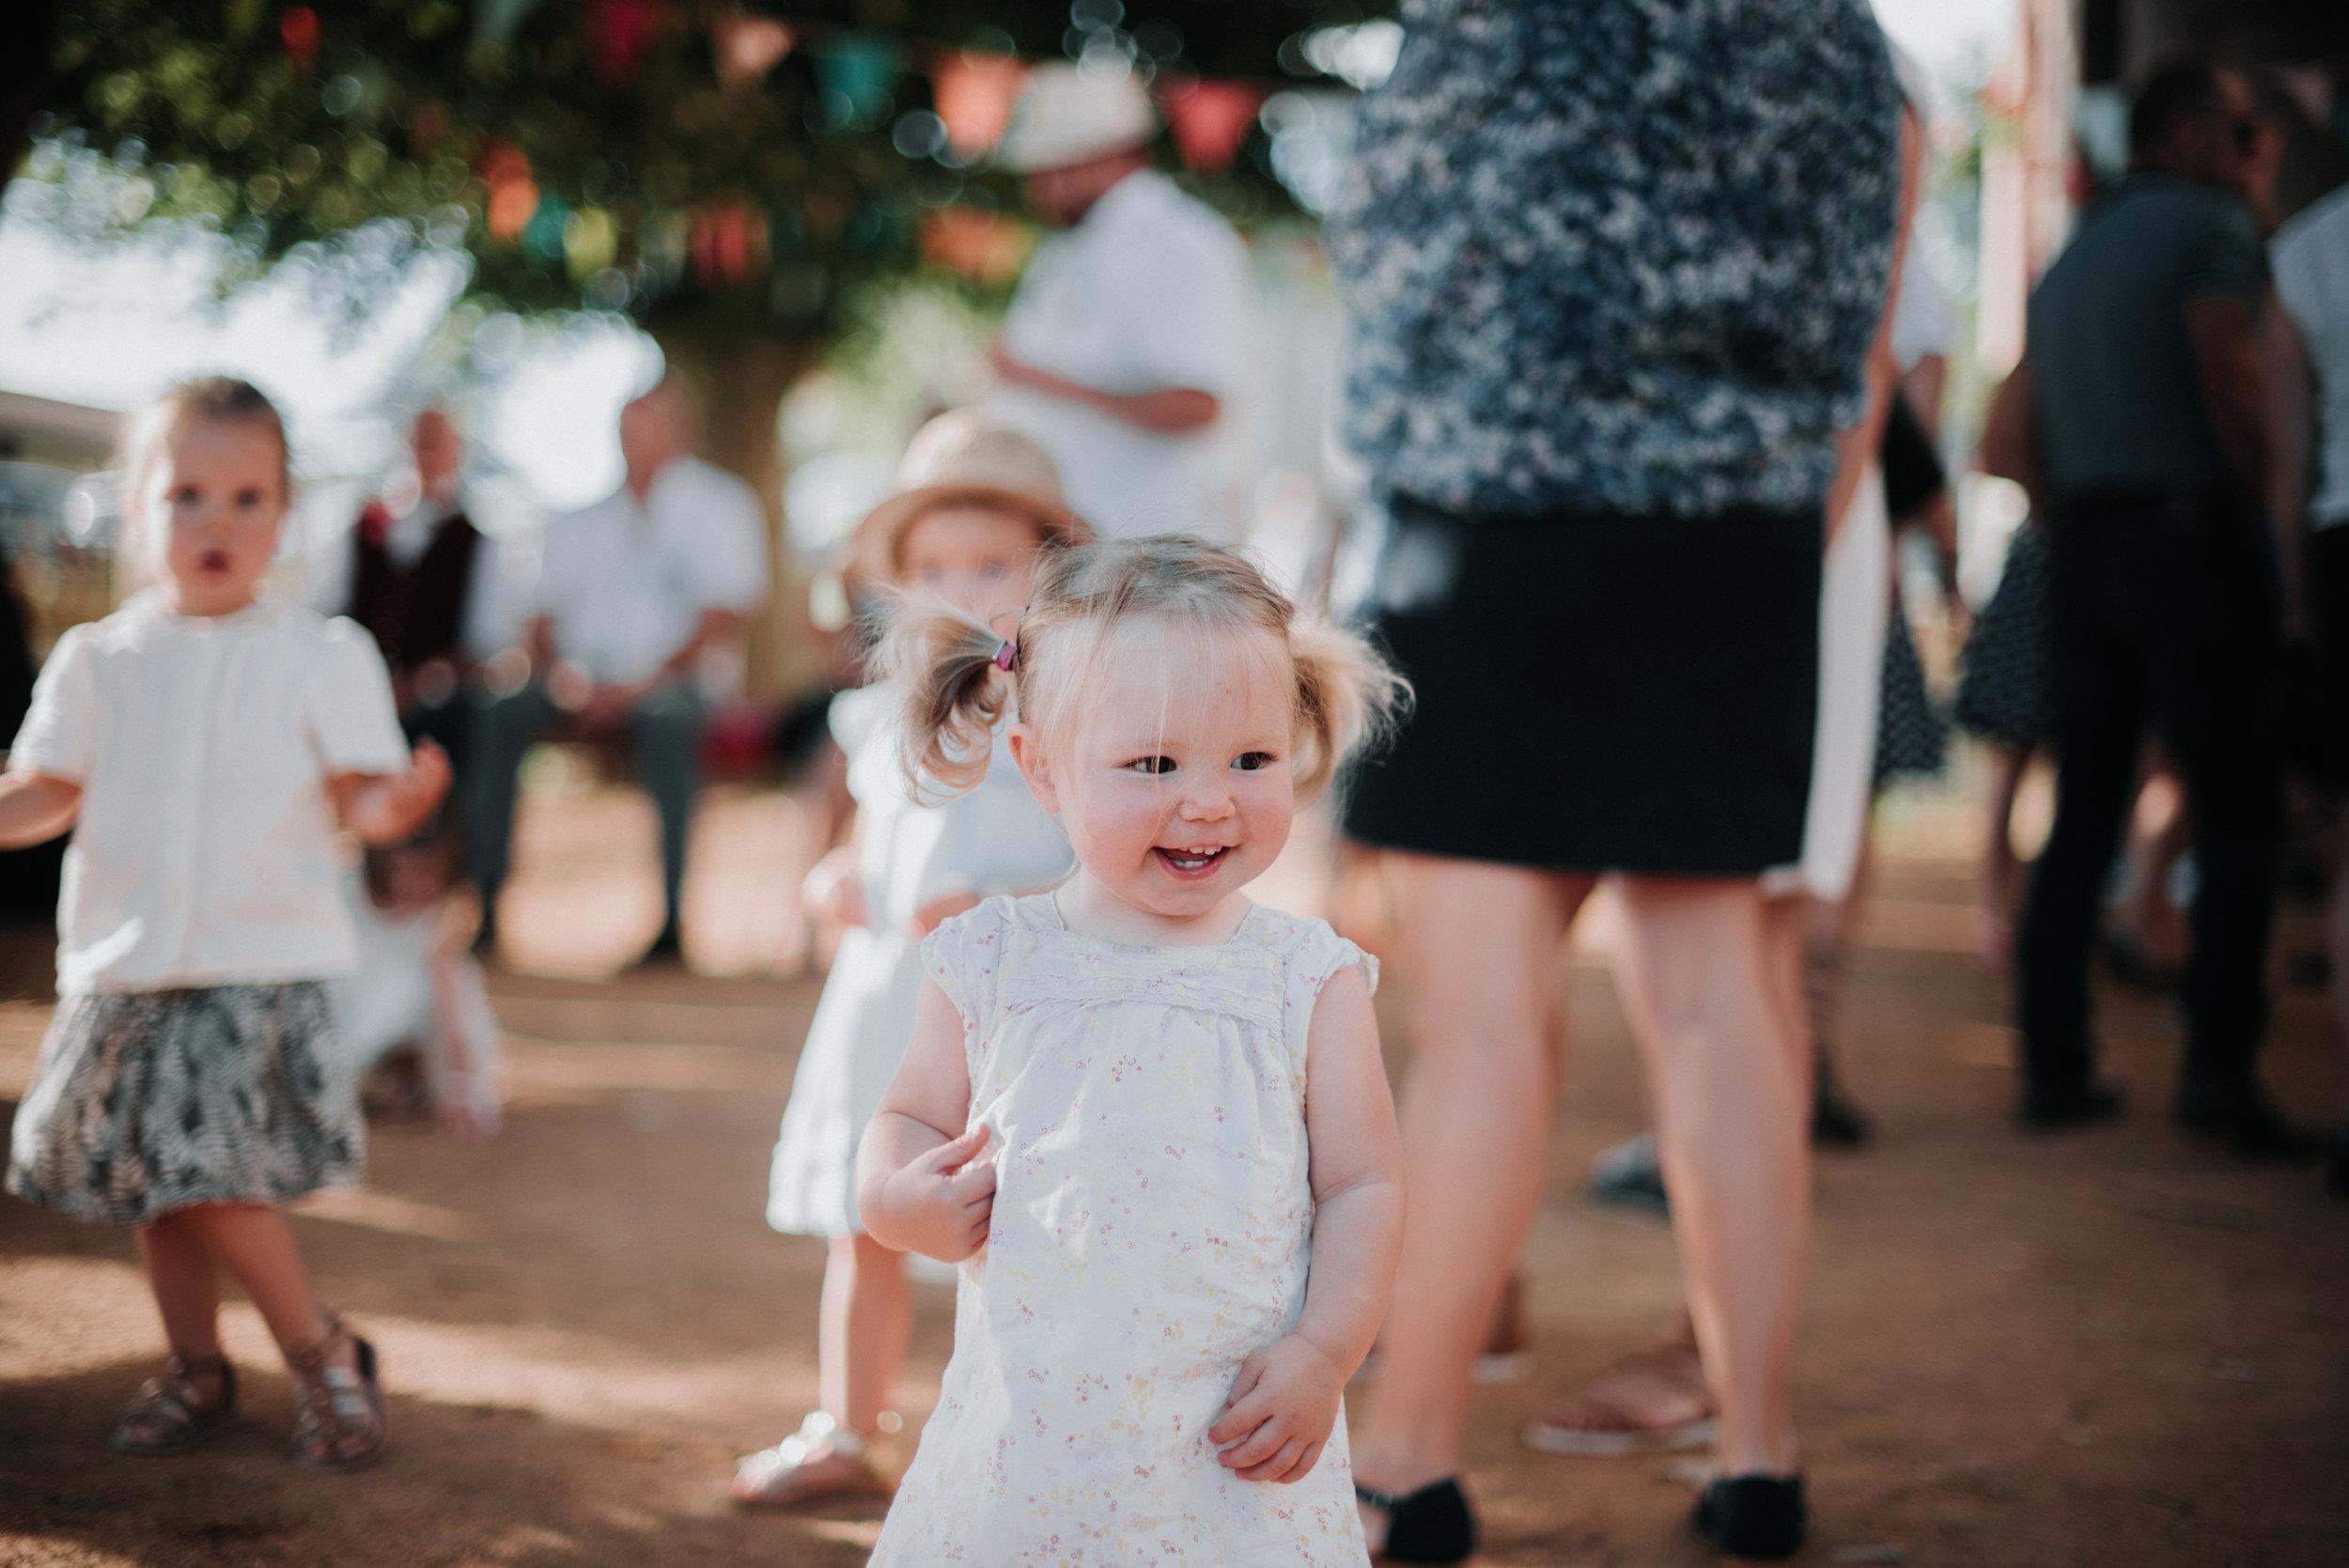 Léa-Fery-photographe-professionnel-lyon-rhone-alpes-portrait-creation-mariage-evenement-evenementiel-famille-8111.jpg